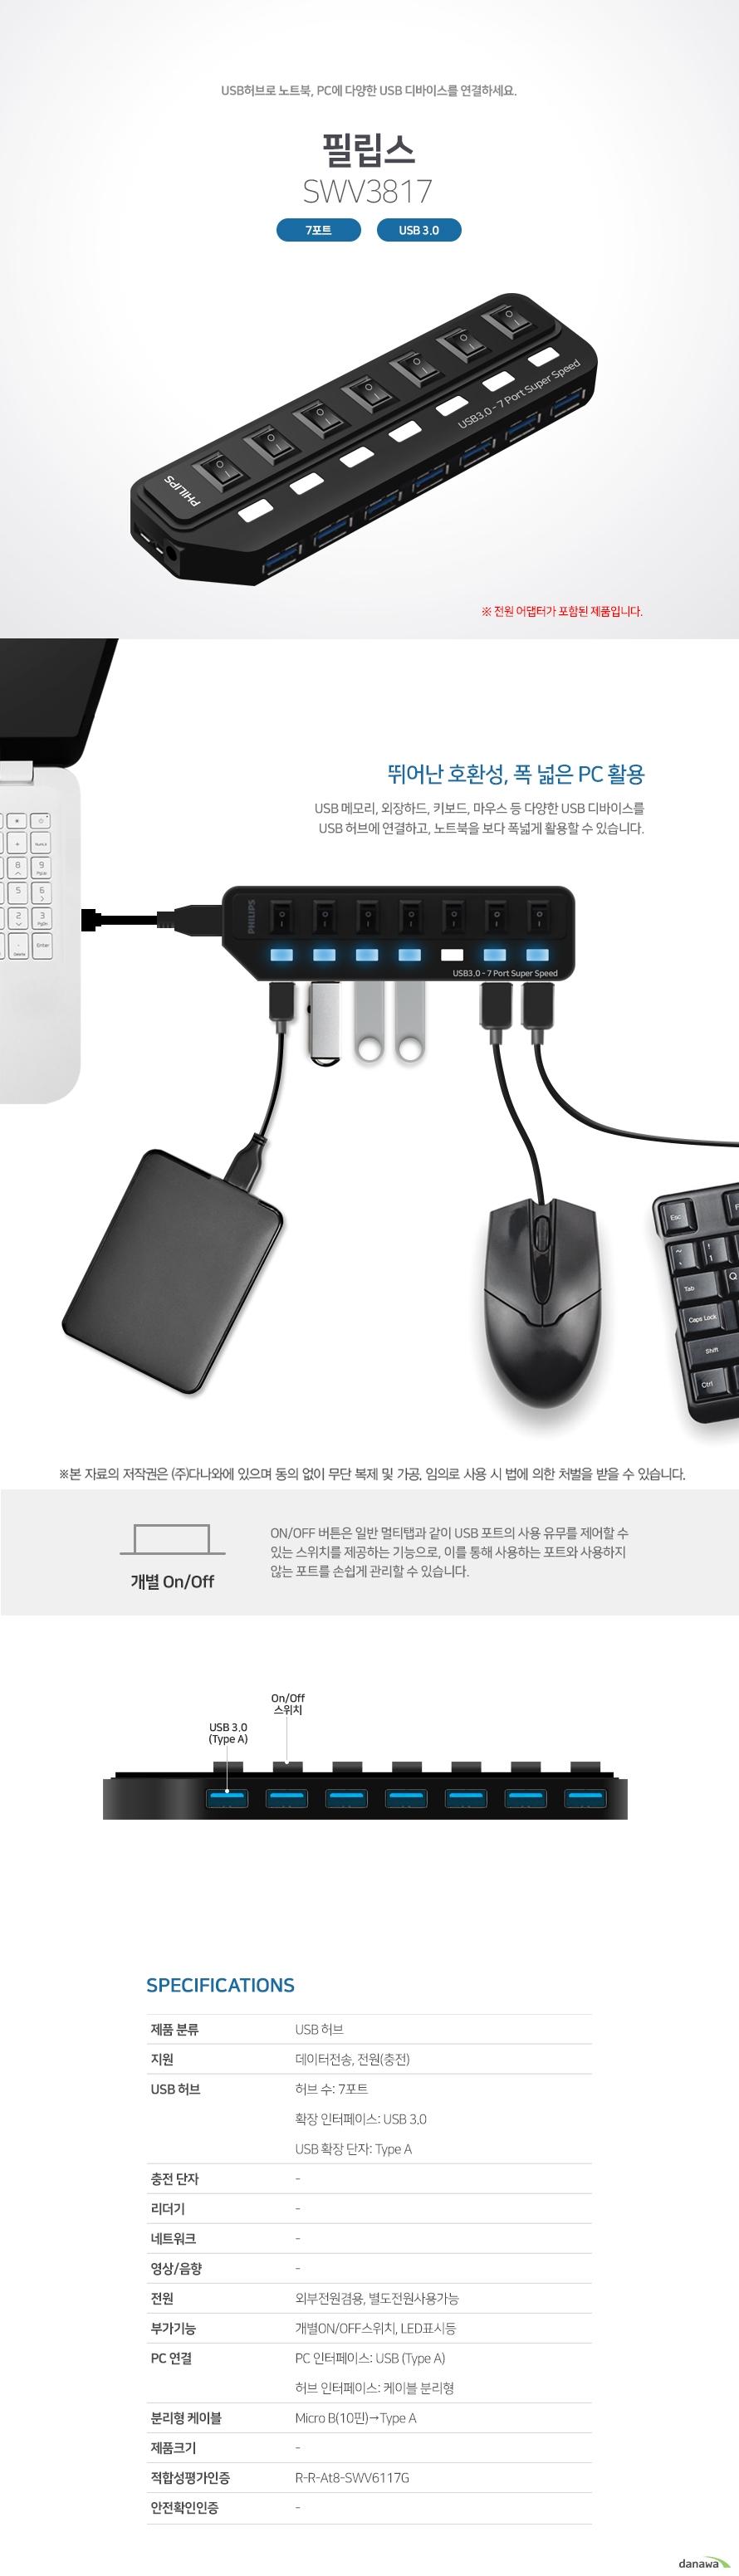 필립스 SWV3817 (7포트/USB 3.0)